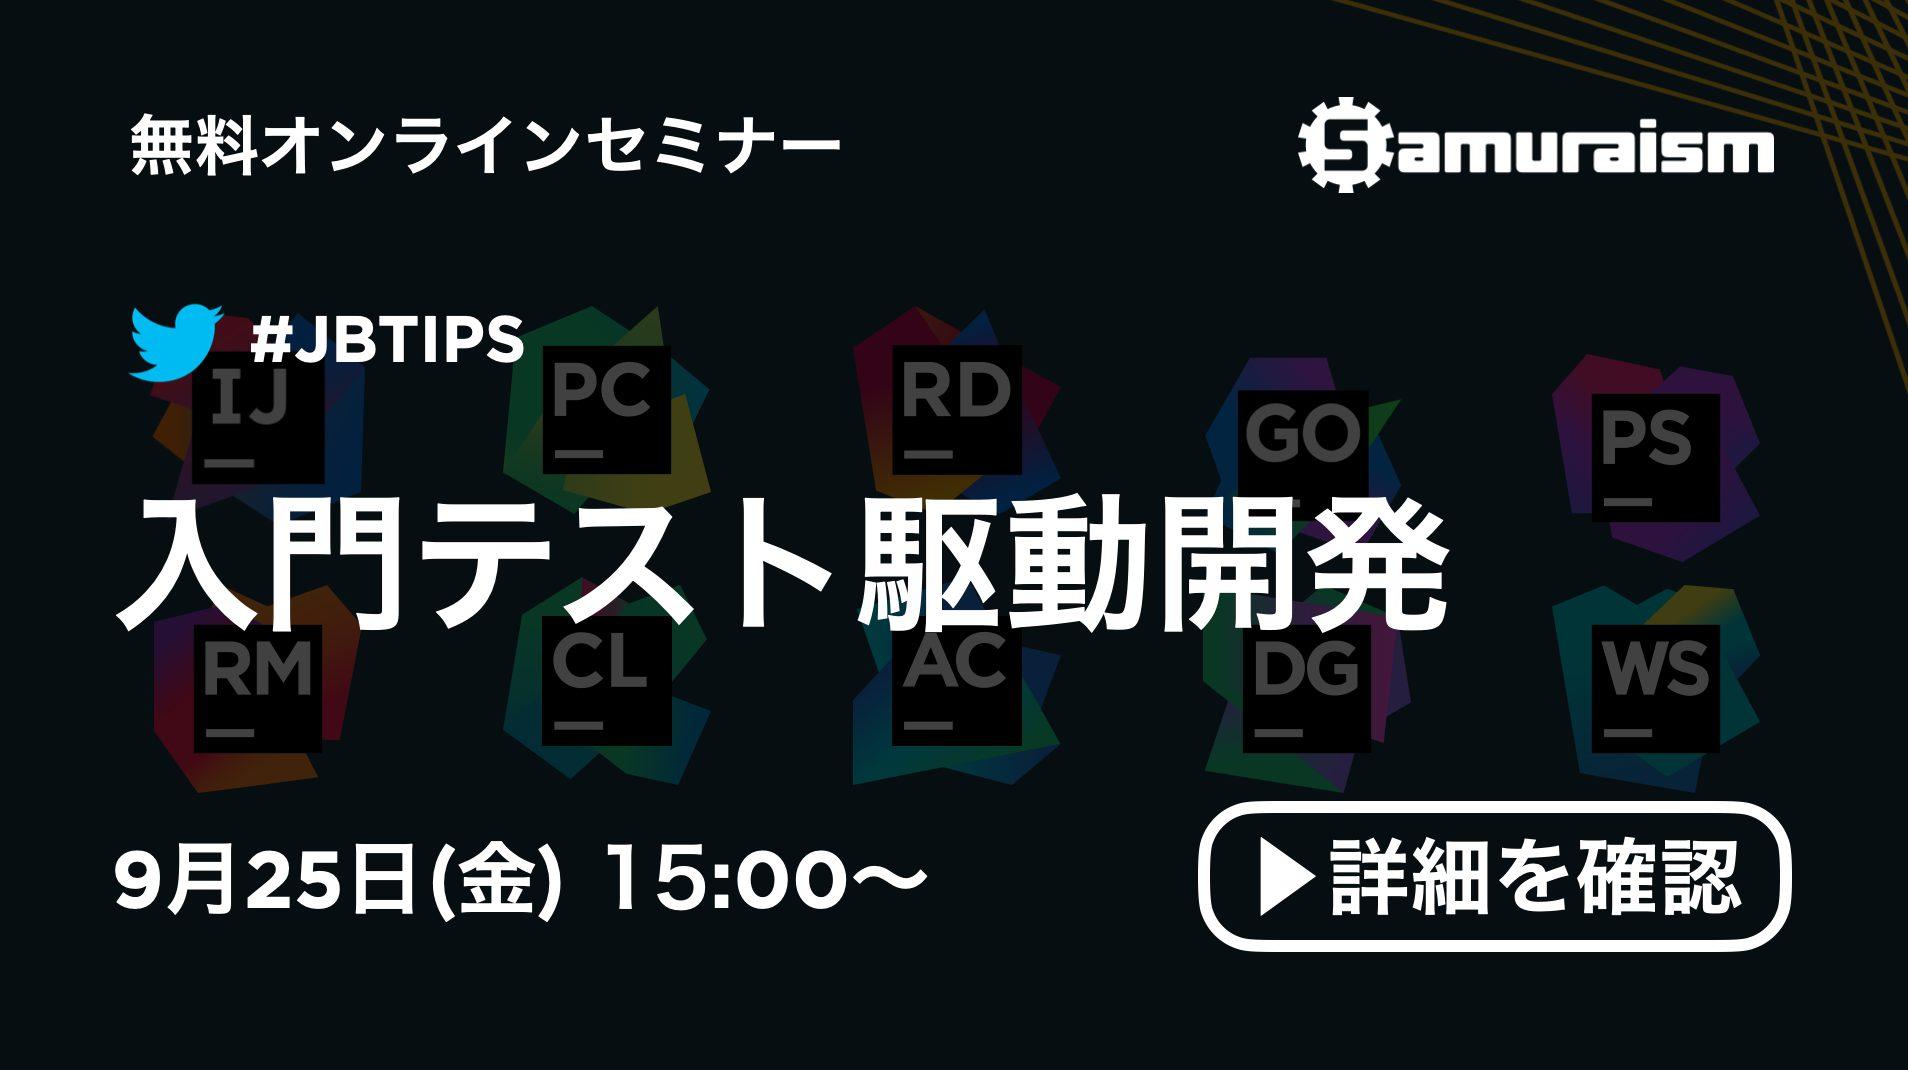 9月25日(金)  15時〜 無料オンラインセミナー「入門テスト駆動開発」 #JBTIPS